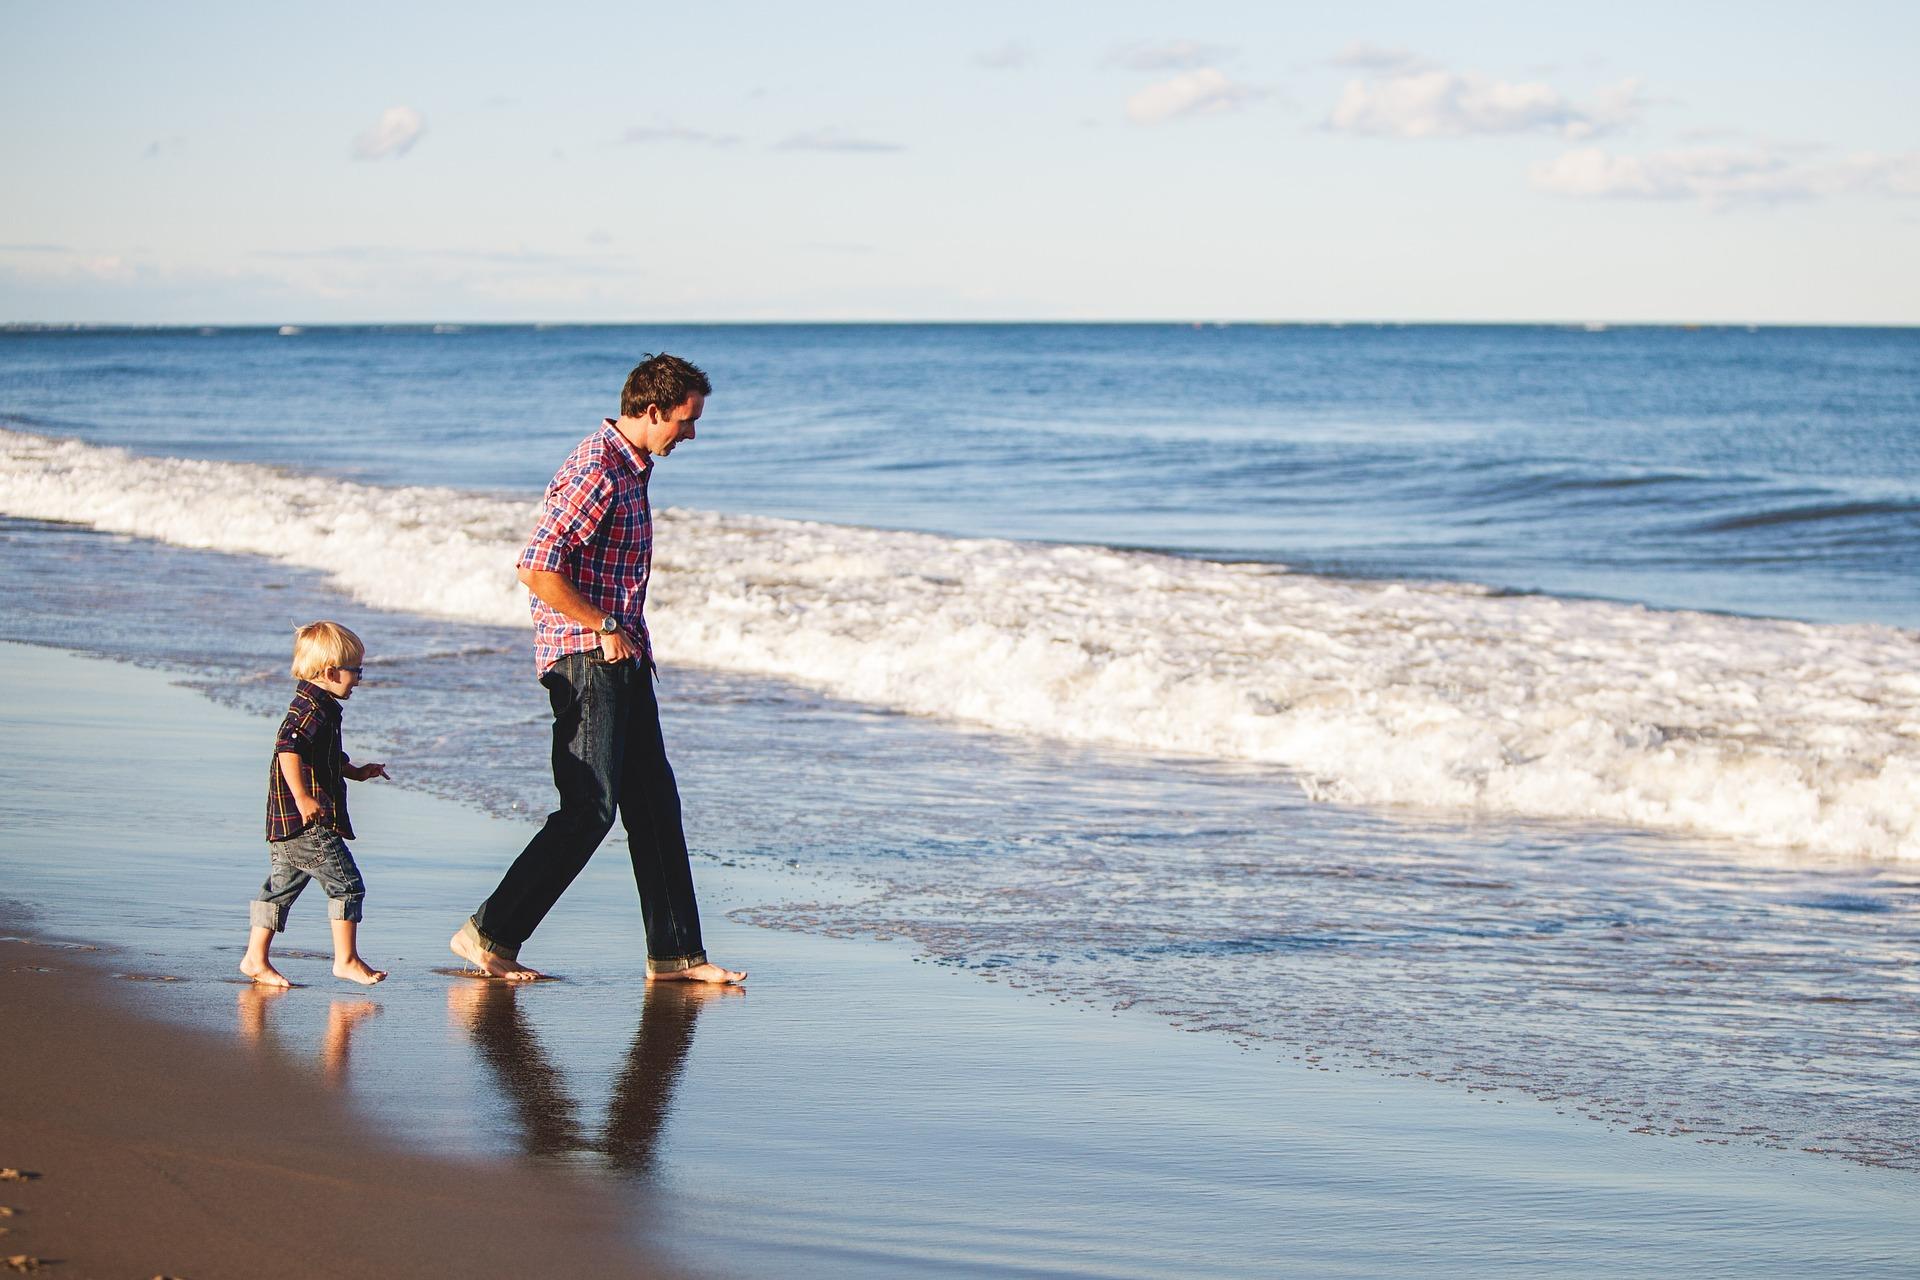 海と子どもたちの未来を守ろう